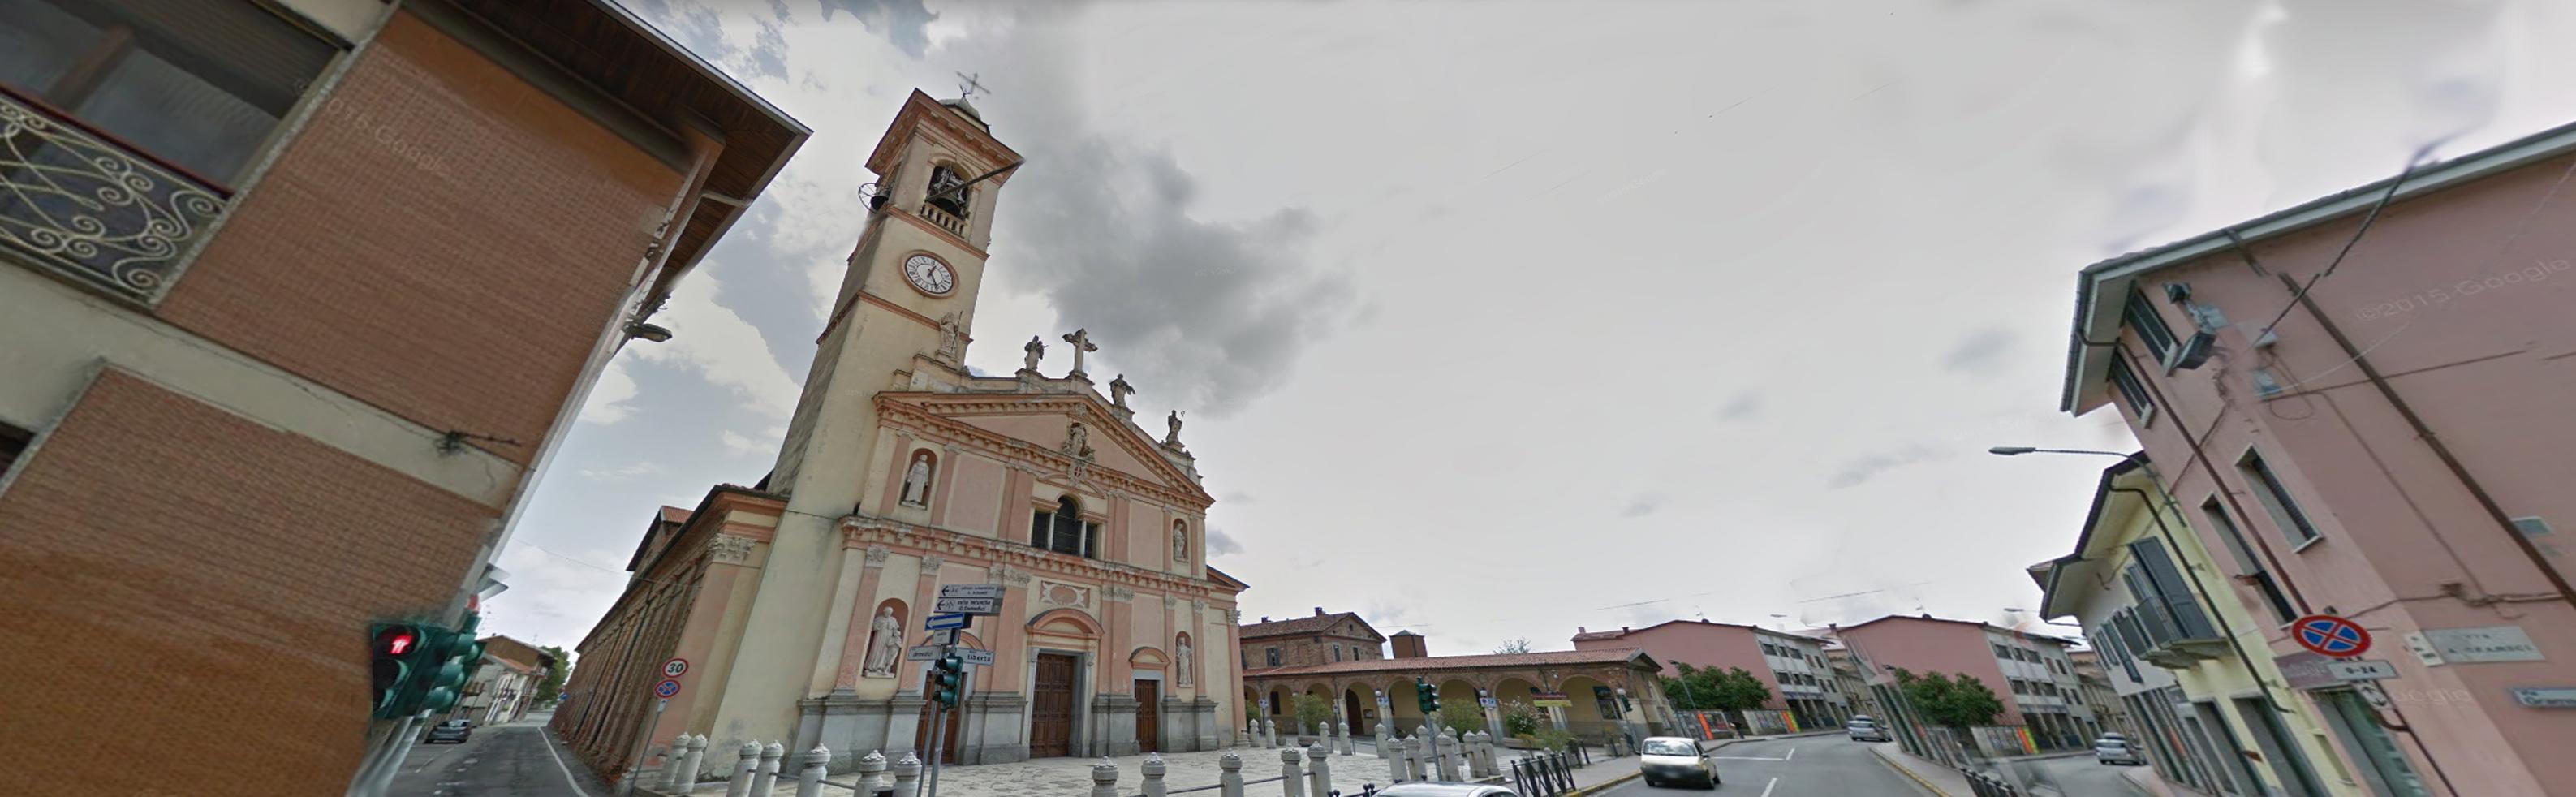 Parrocchia san Clemente